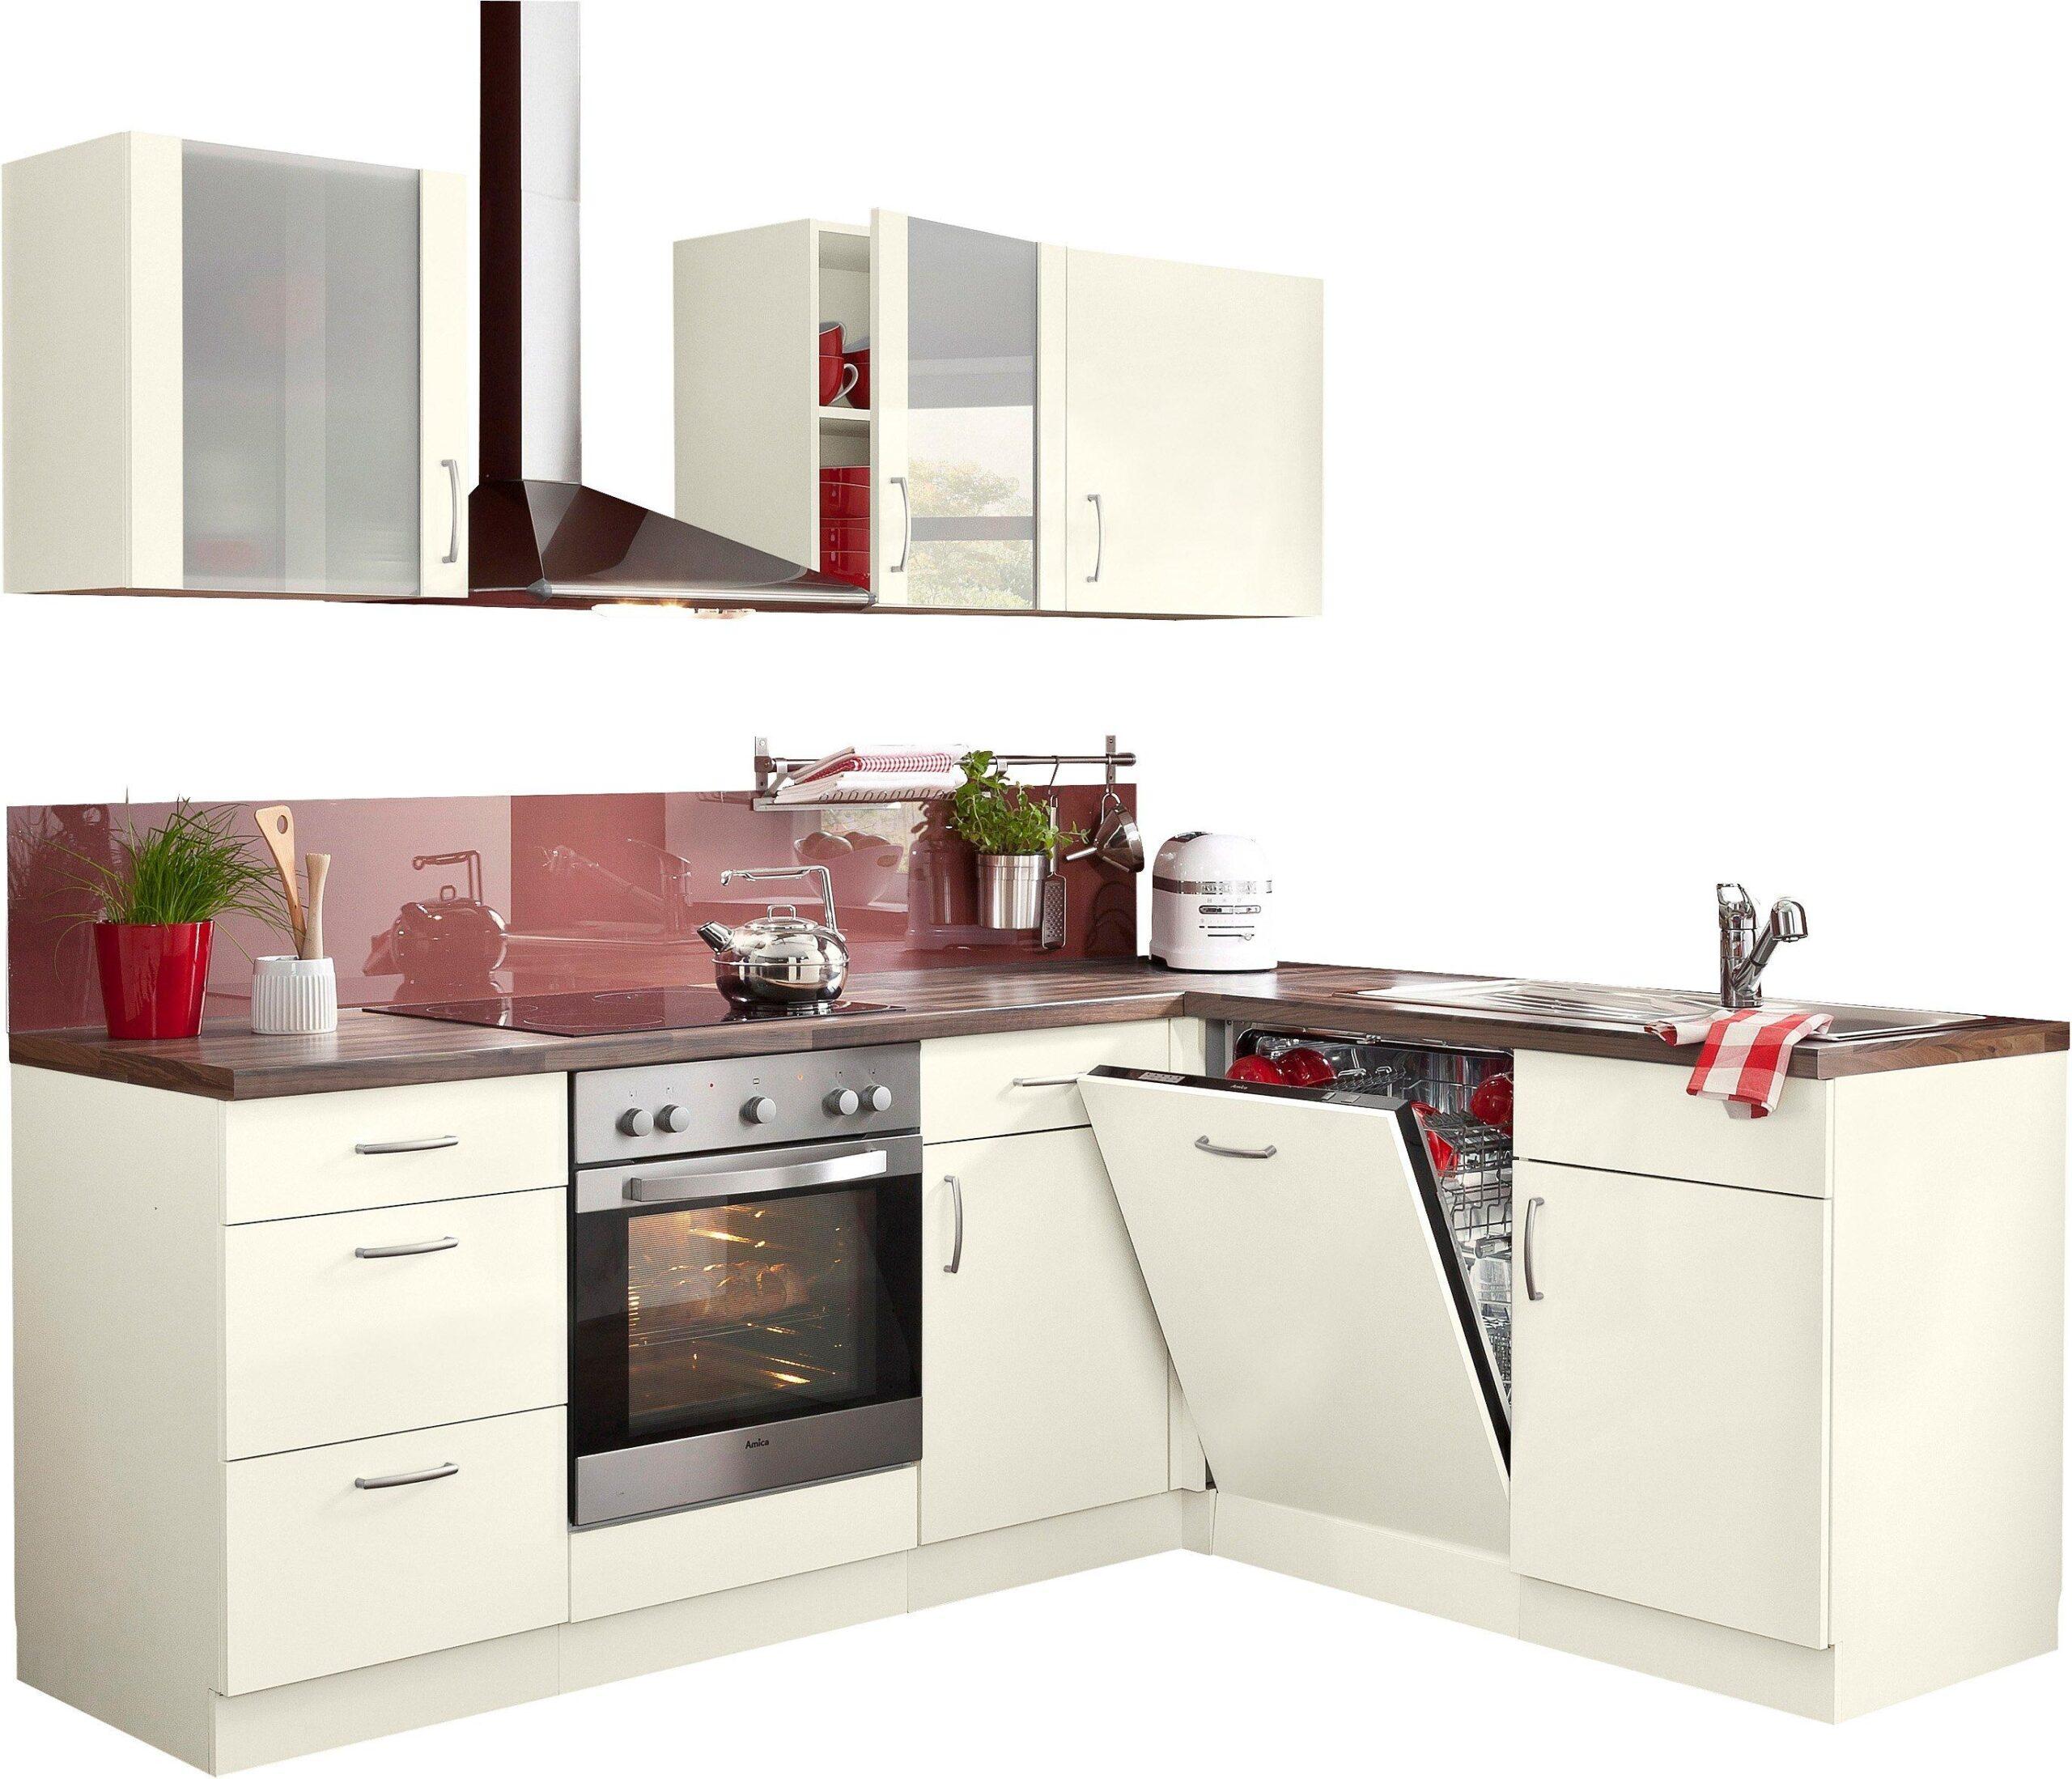 Full Size of Sconto Küchen Wiho Kchen Winkelkche Brssel Bestellen Baur Regal Wohnzimmer Sconto Küchen